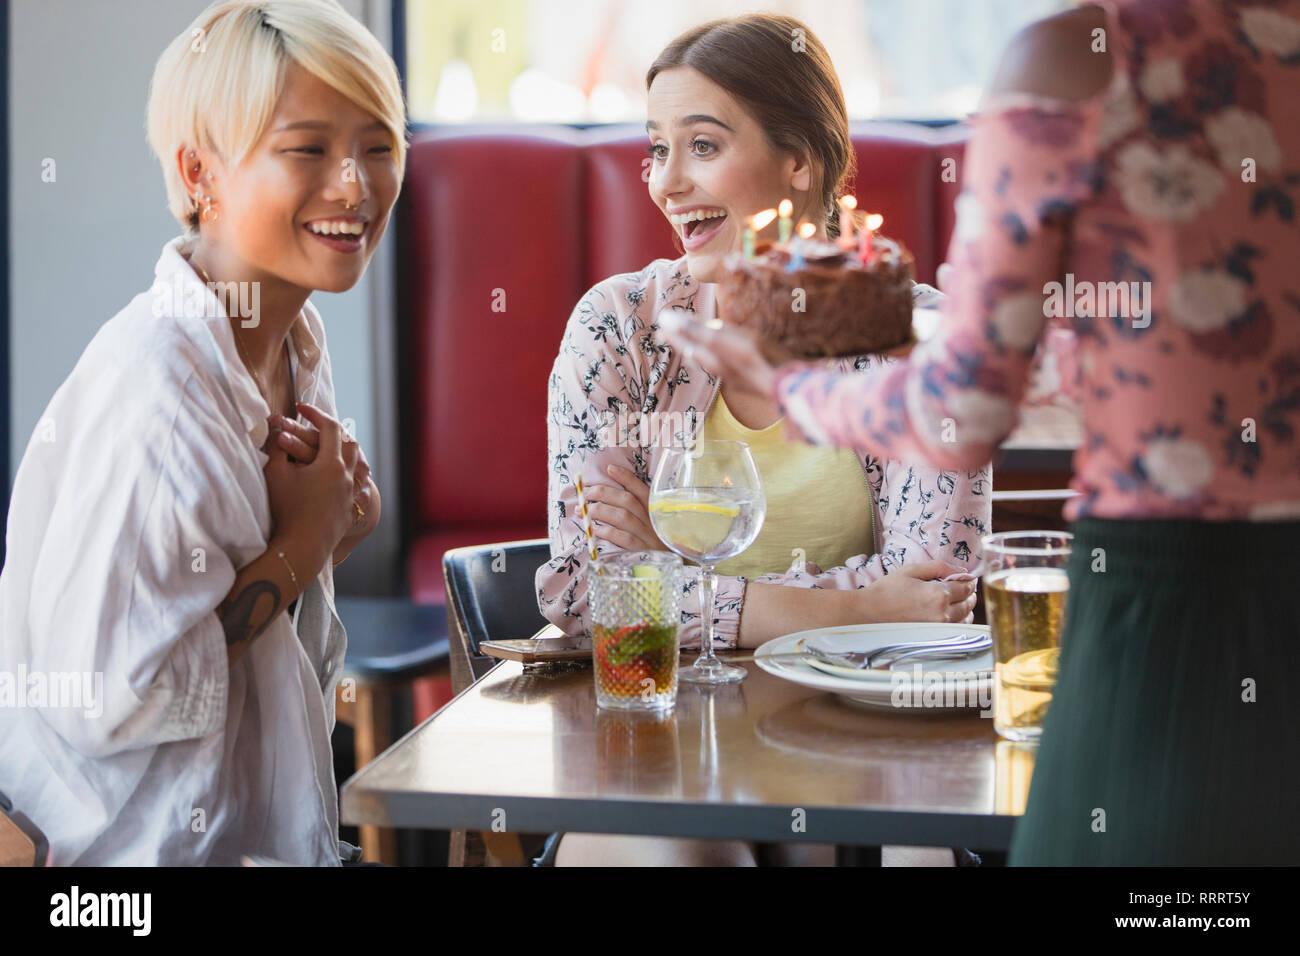 Entusiasti di donne giovani amici festeggia il compleanno con la torta nel ristorante Immagini Stock